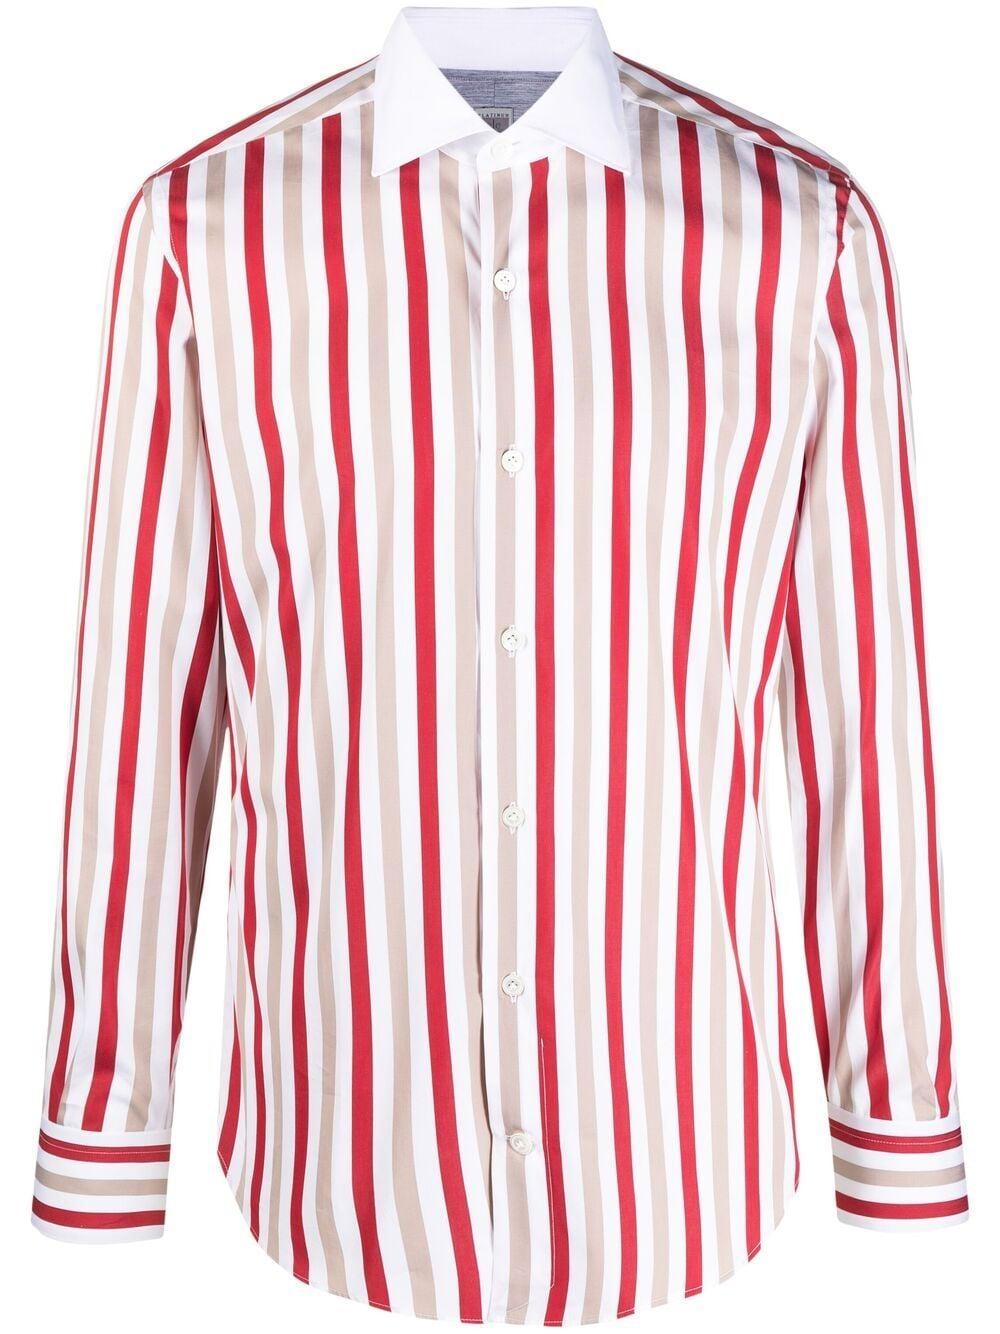 Camicia con stampa a righe verticali in cotone bianco, beige e rosso ELEVENTY | Camicie | C75CAMA19-TES0C06318